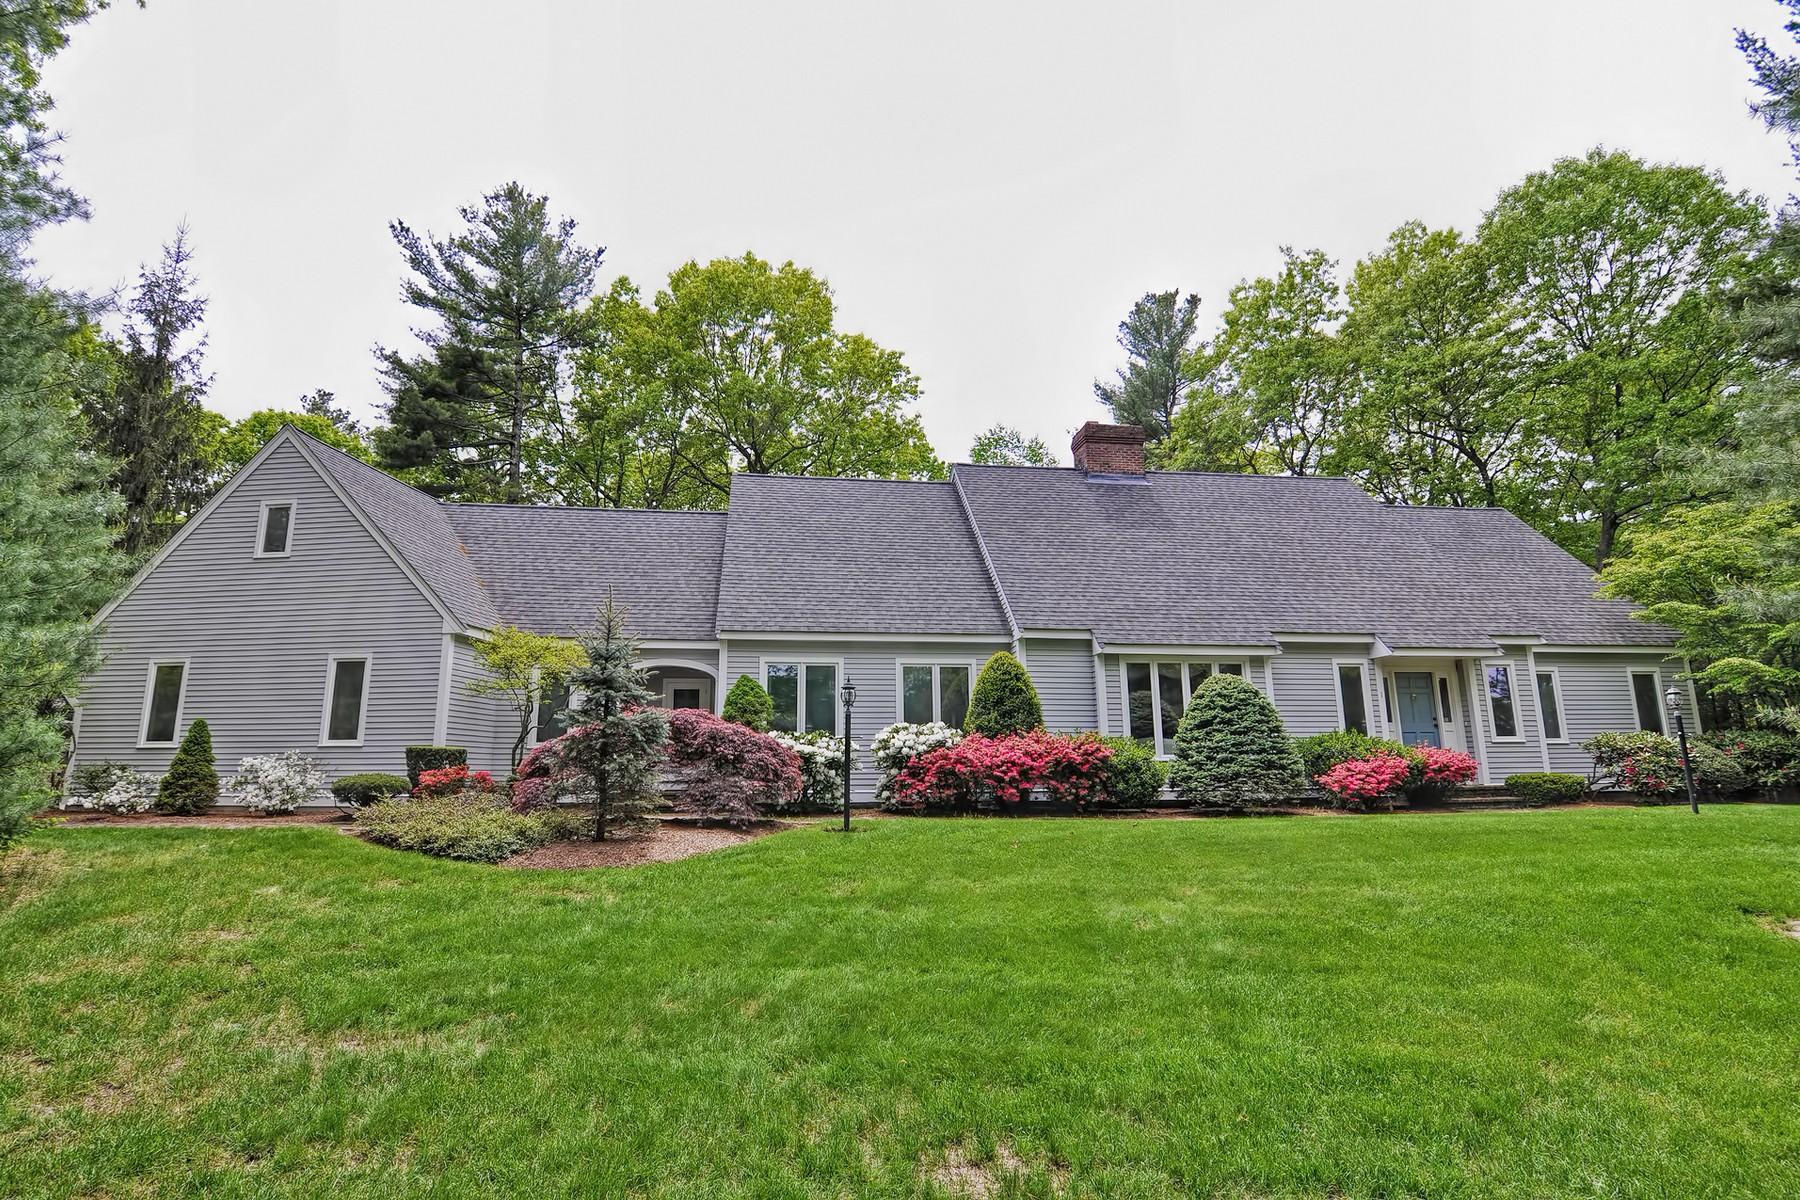 Maison unifamiliale pour l Vente à Sprawling Cape 1 Gina Dr Hopkinton, Massachusetts, 01748 États-Unis